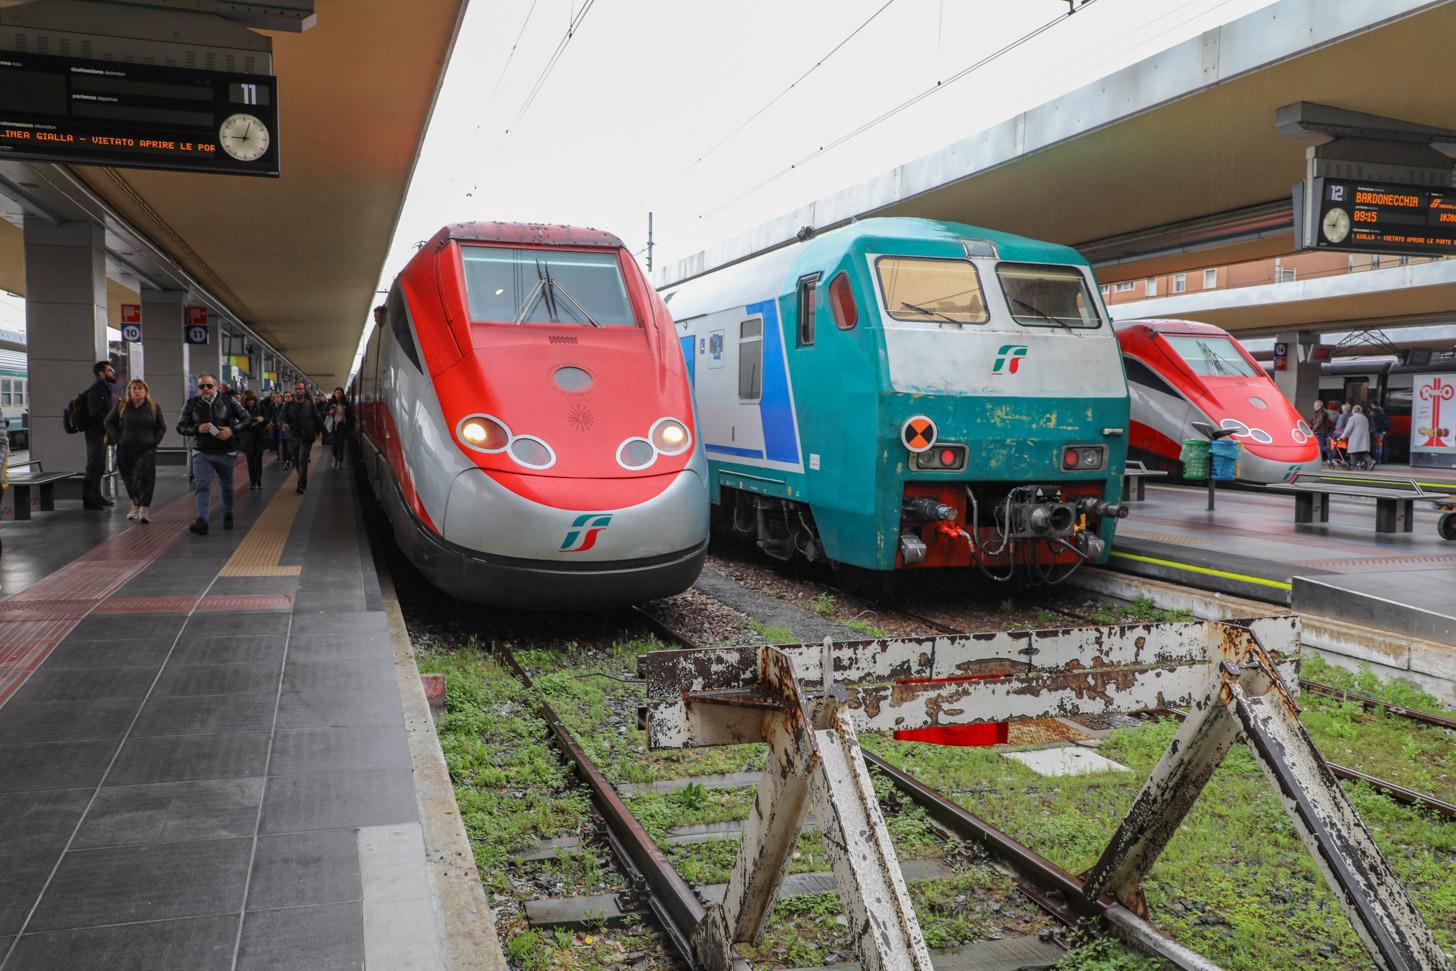 Met de trein naar Turijn reizen